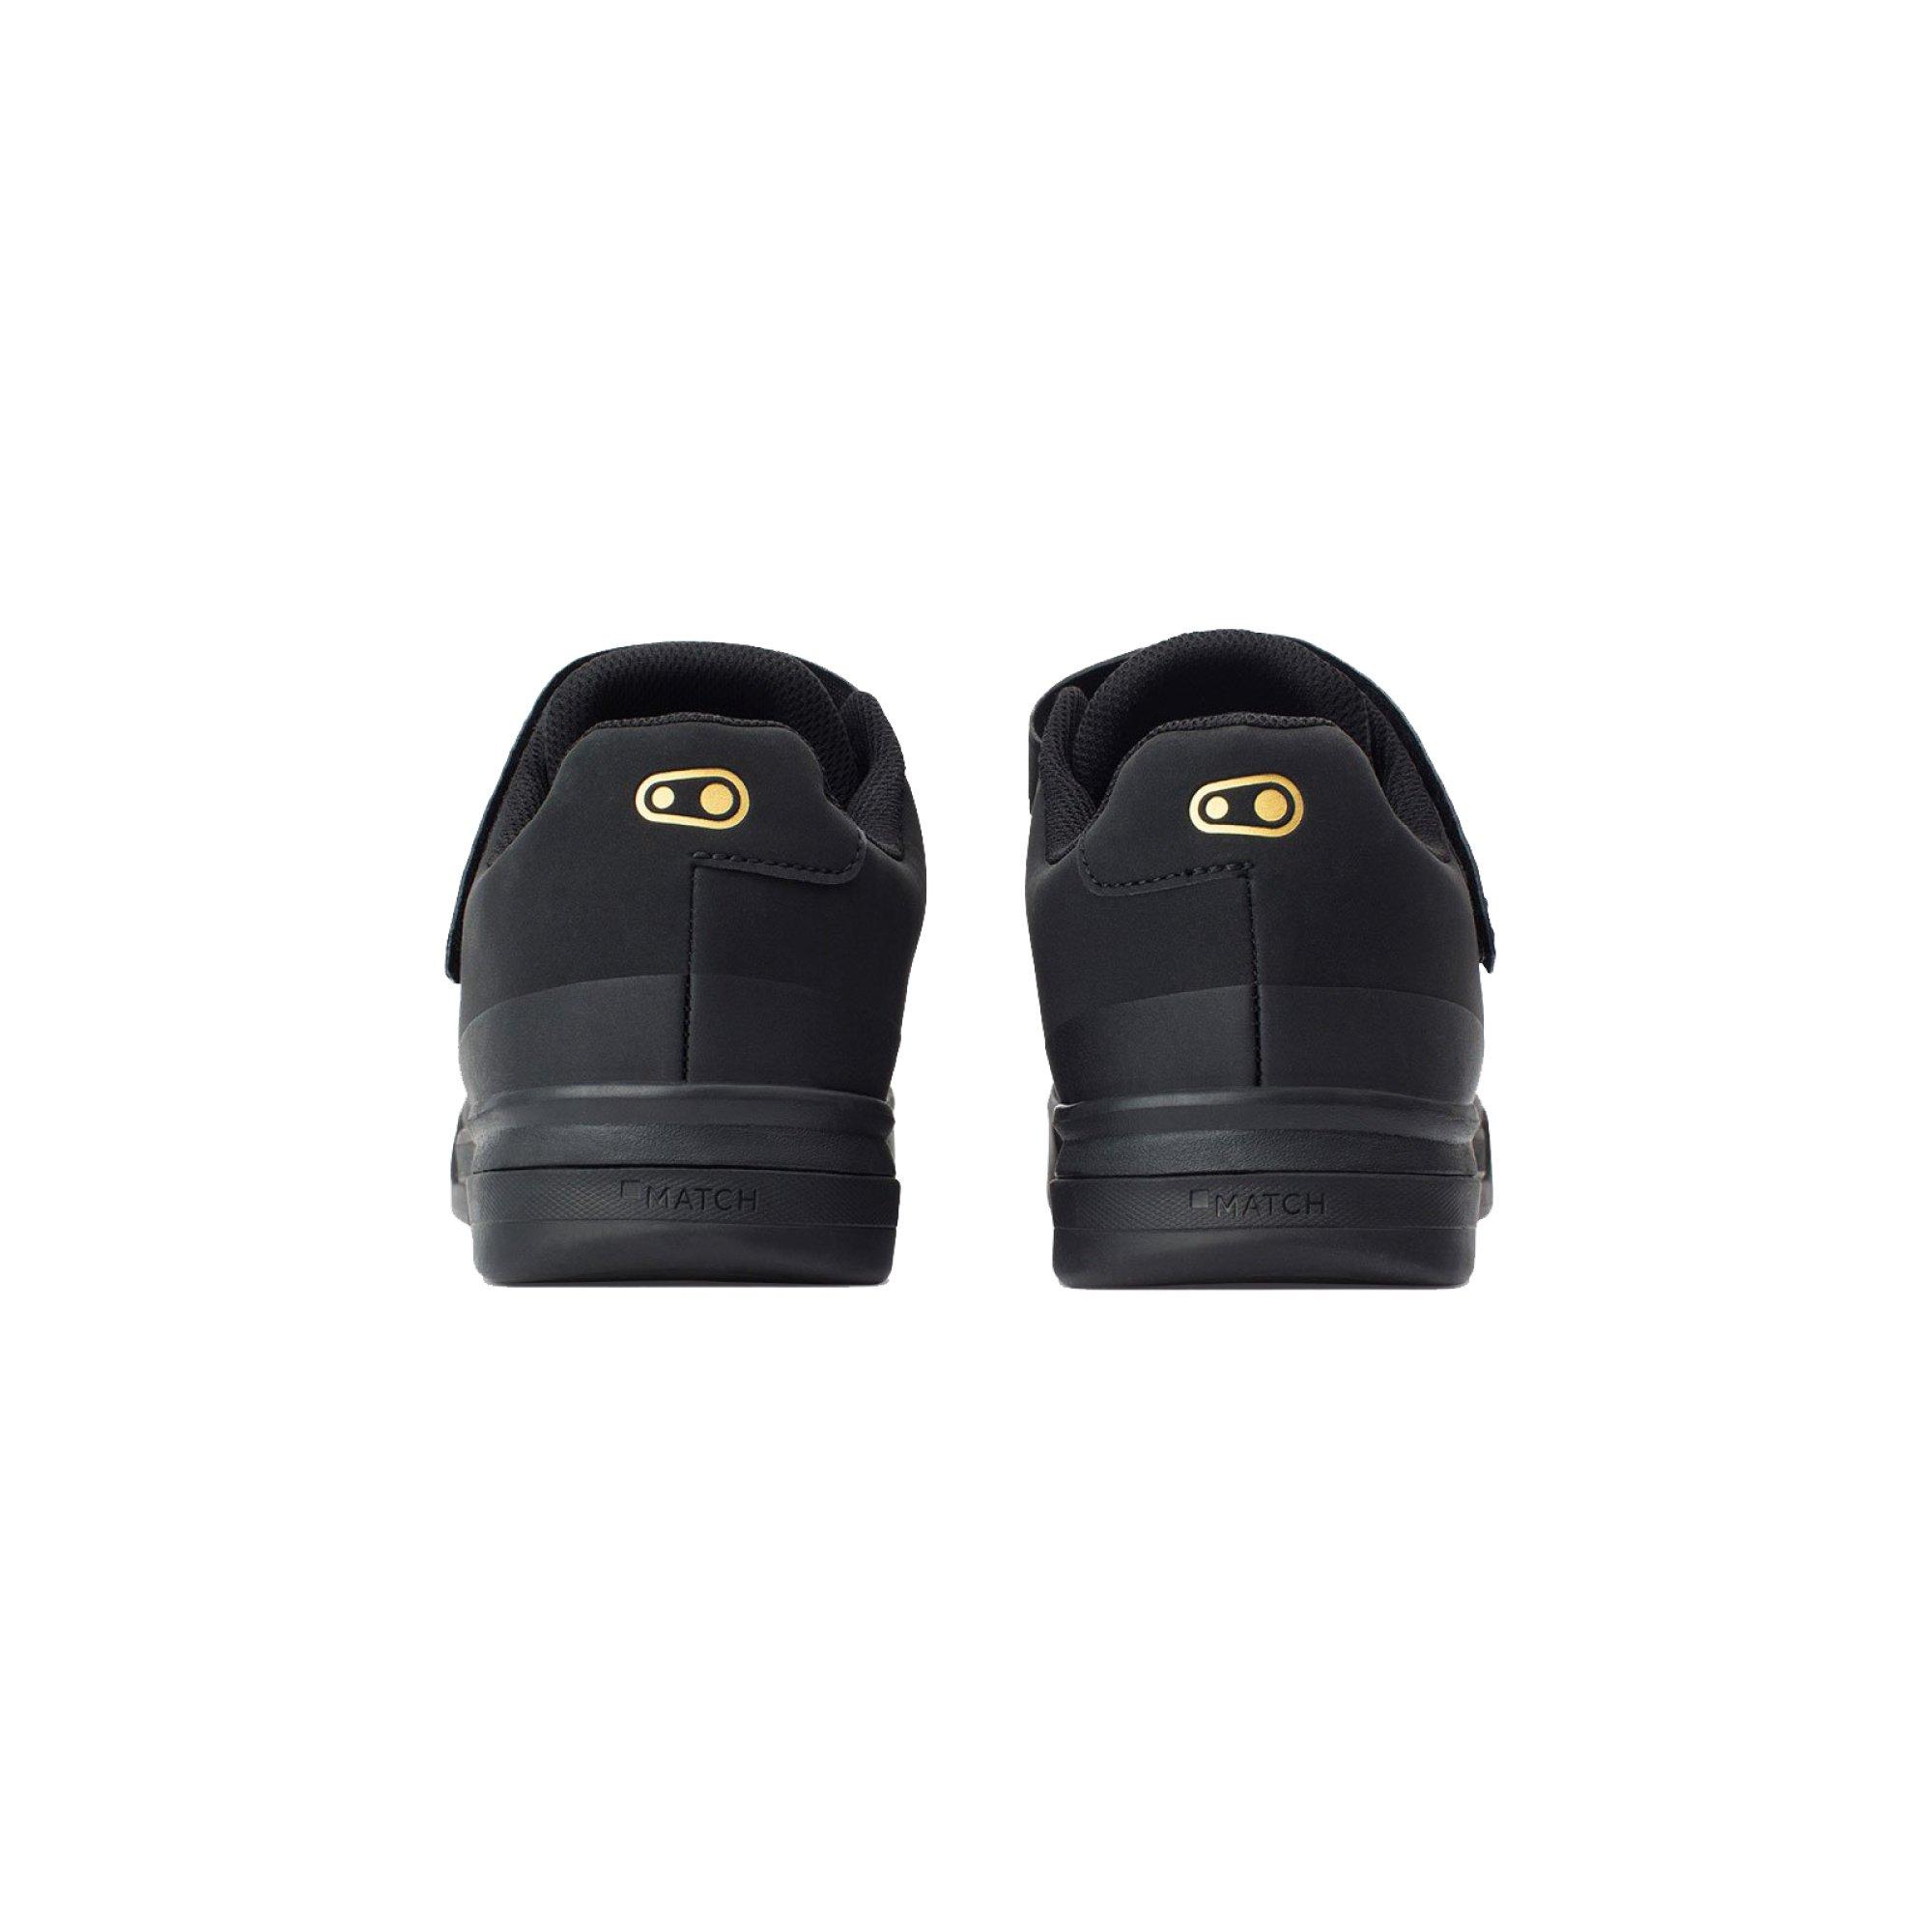 Shoe Mallet BOA Clipless Spd-8